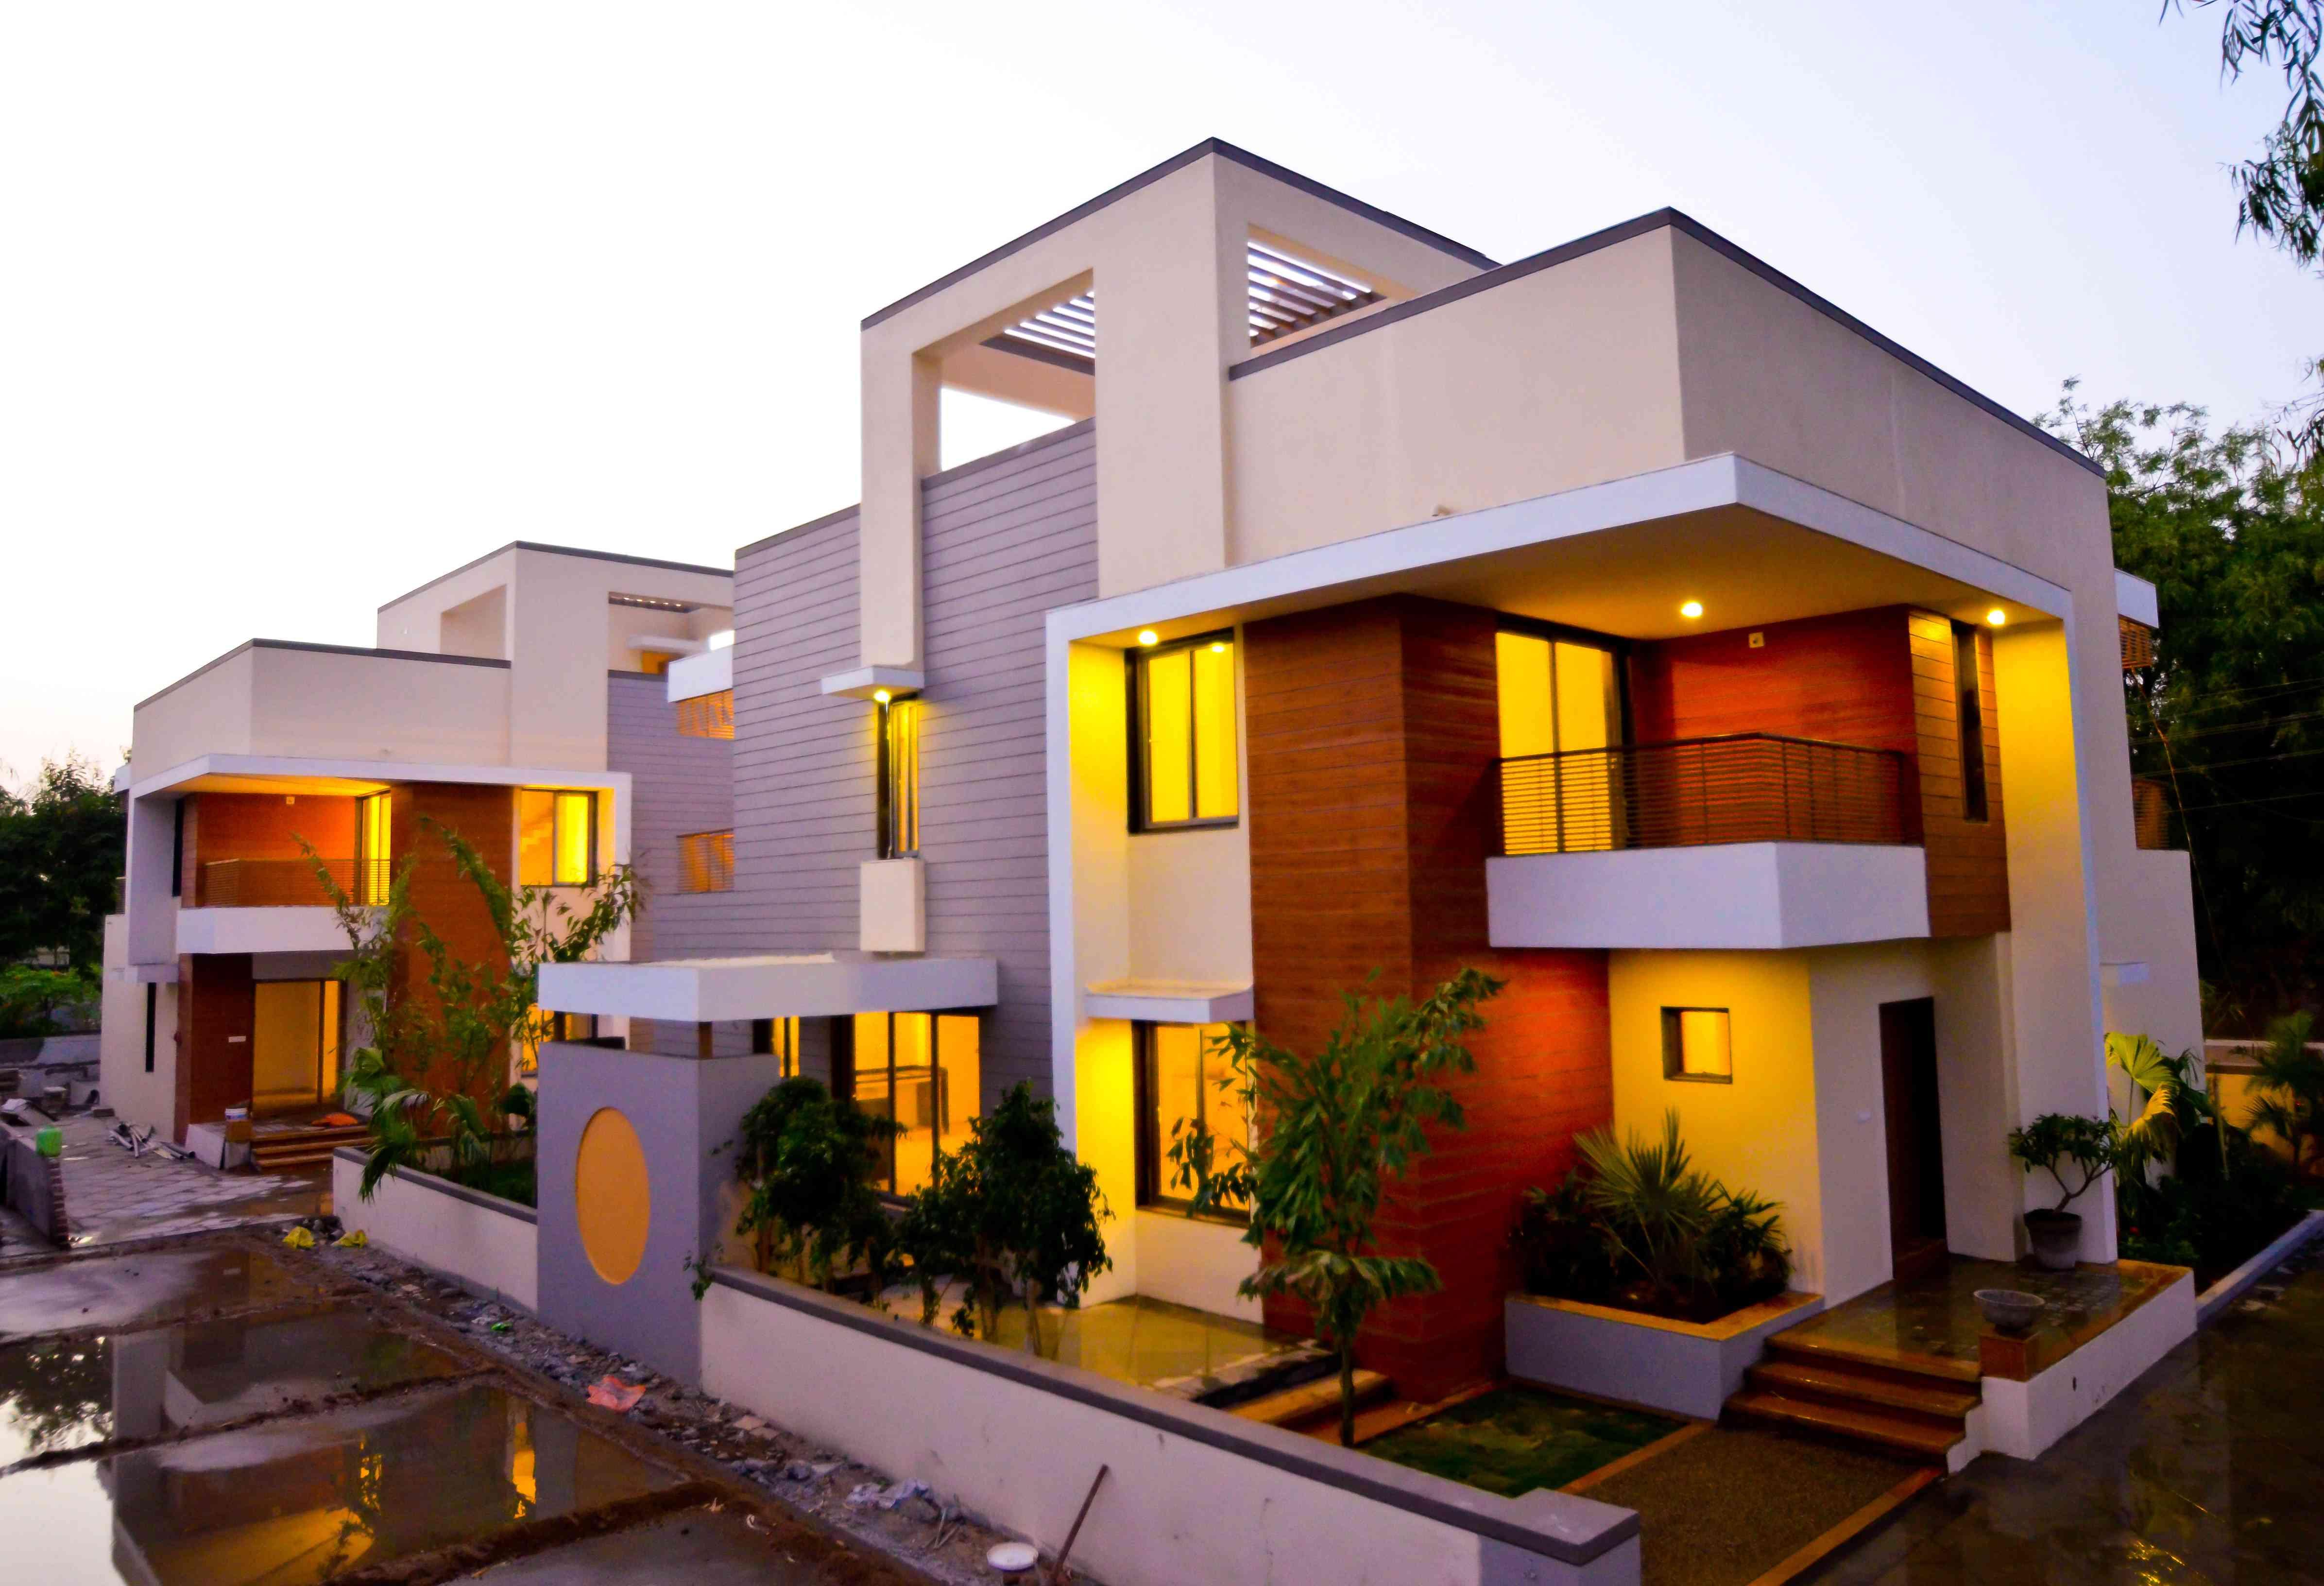 Home Design Exterior Ideas In India